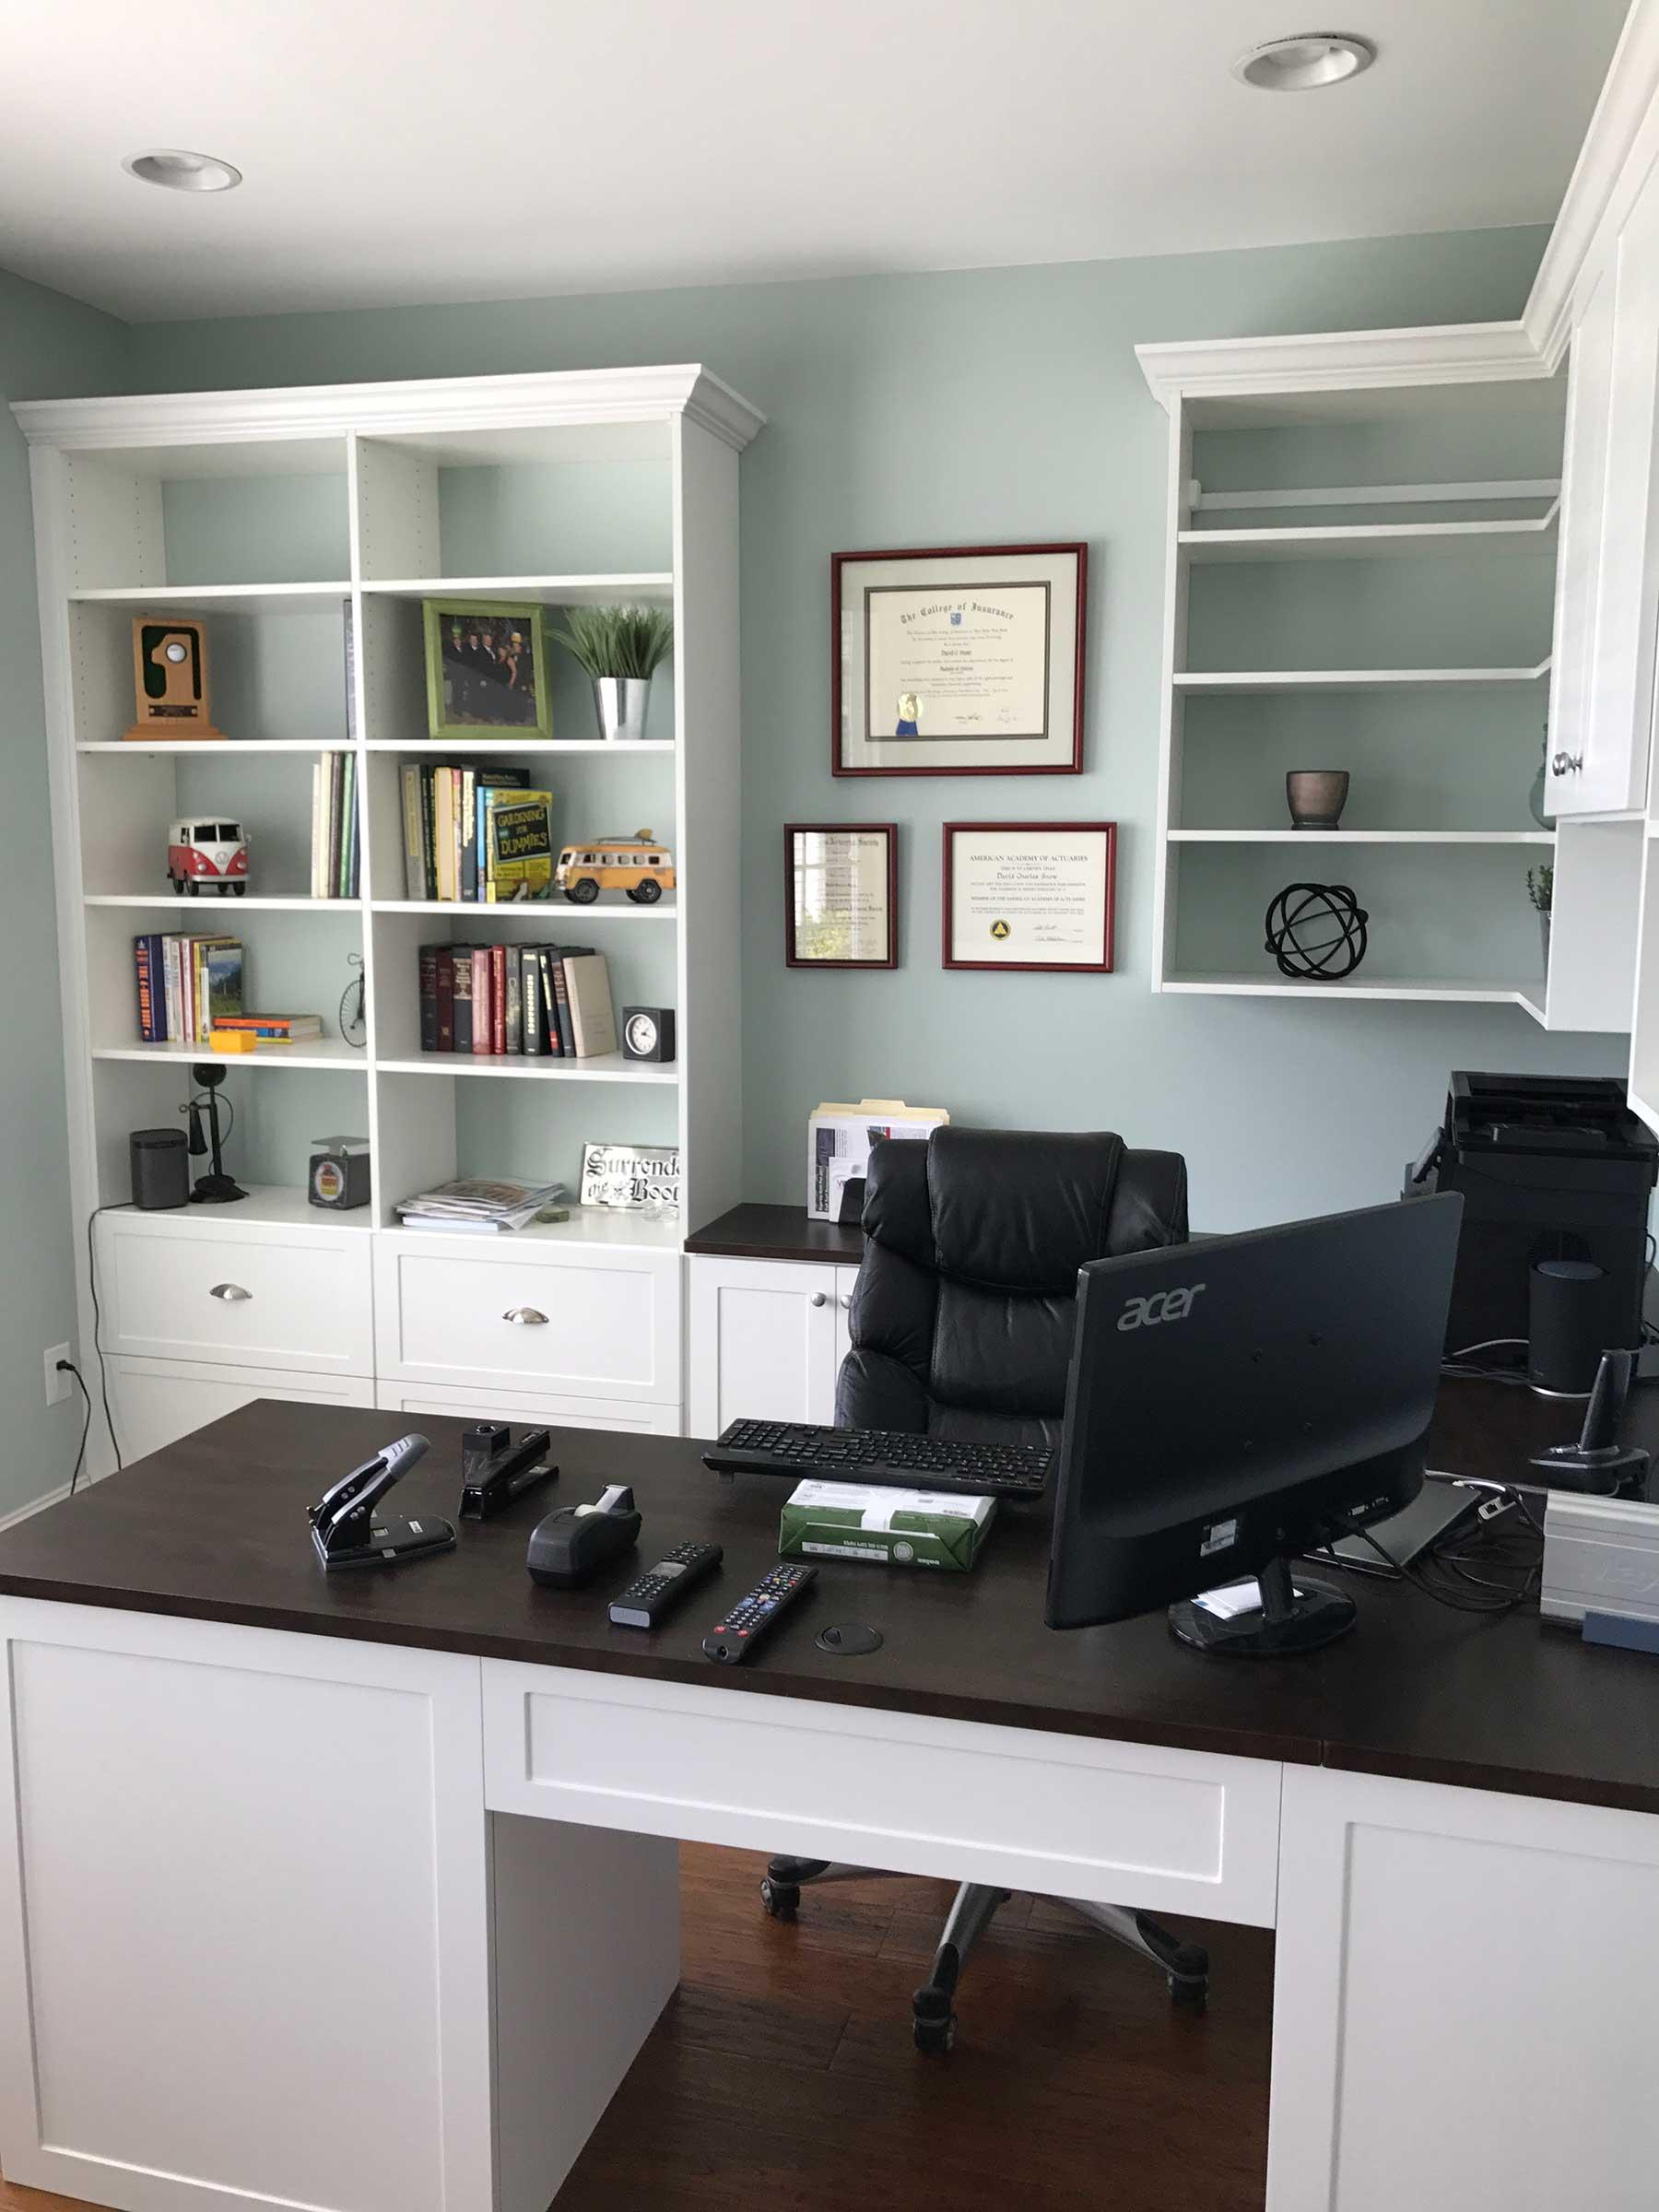 Cabinets, Closet Storage U0026 Organizers: Medford, Moorestown ...